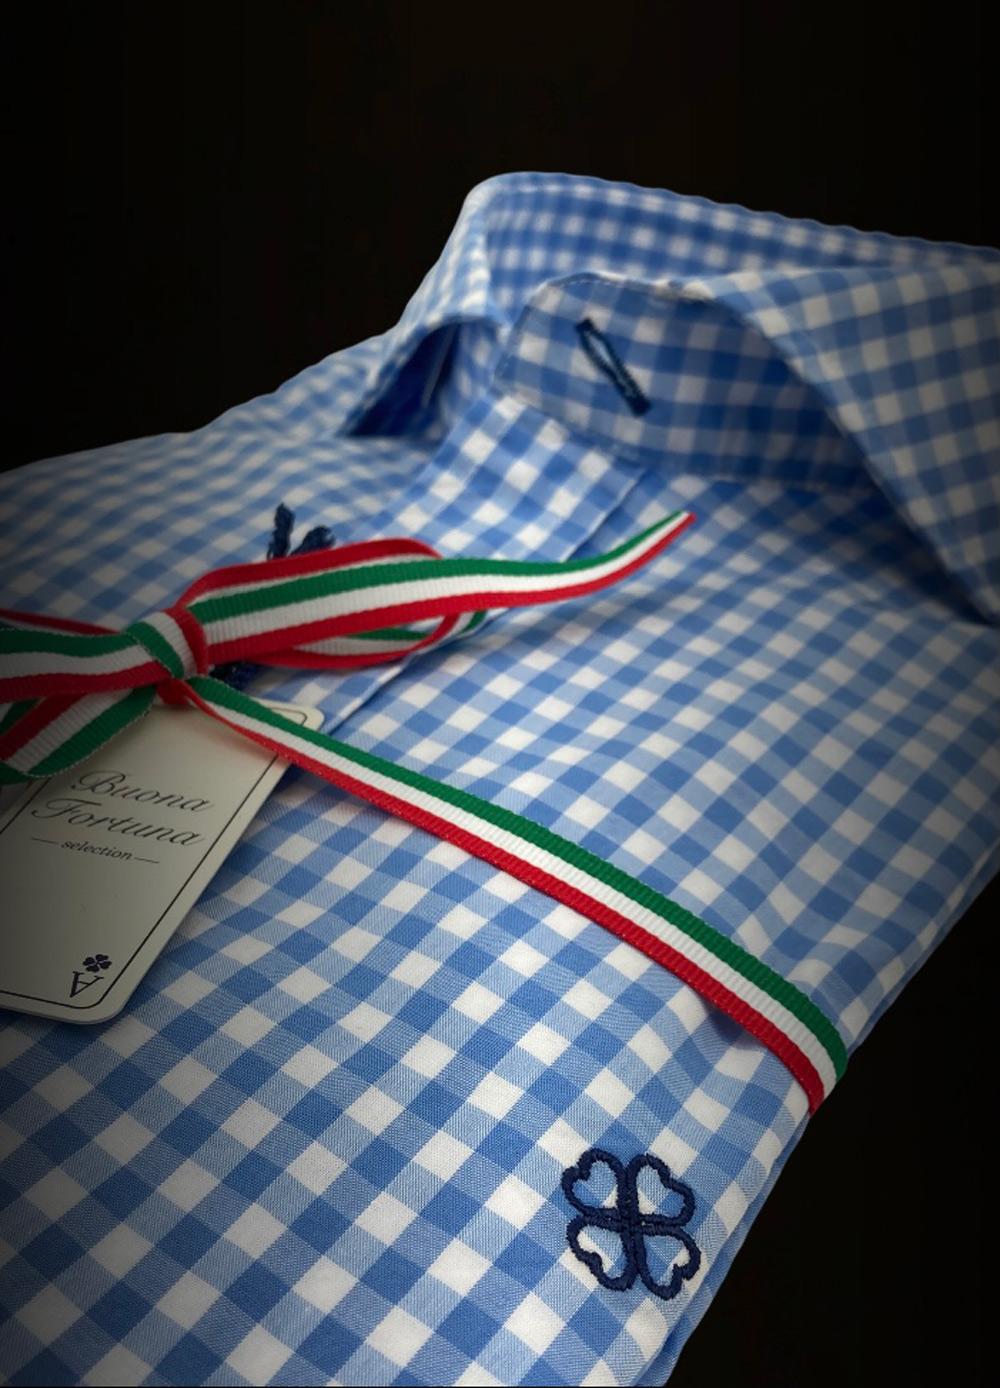 tienda online de ropa exclusiva de hombre camisas jerseis zapatos cinturones corbatas pashminas comprar online